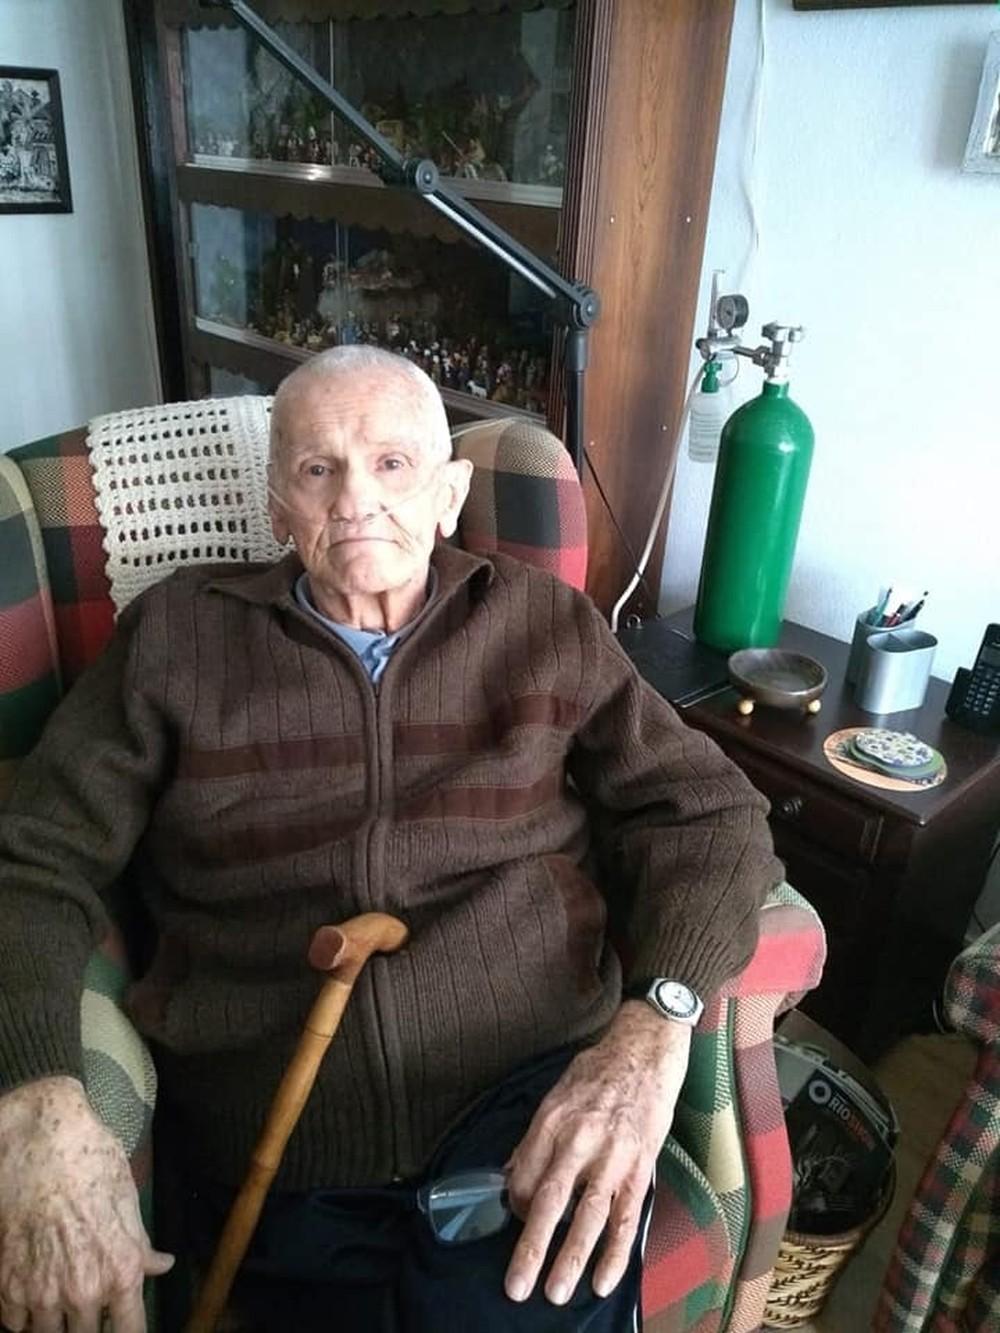 Morre aos 88 anos Philippe Guedon, fundador do Partido Humanista da Solidariedade (PHS)